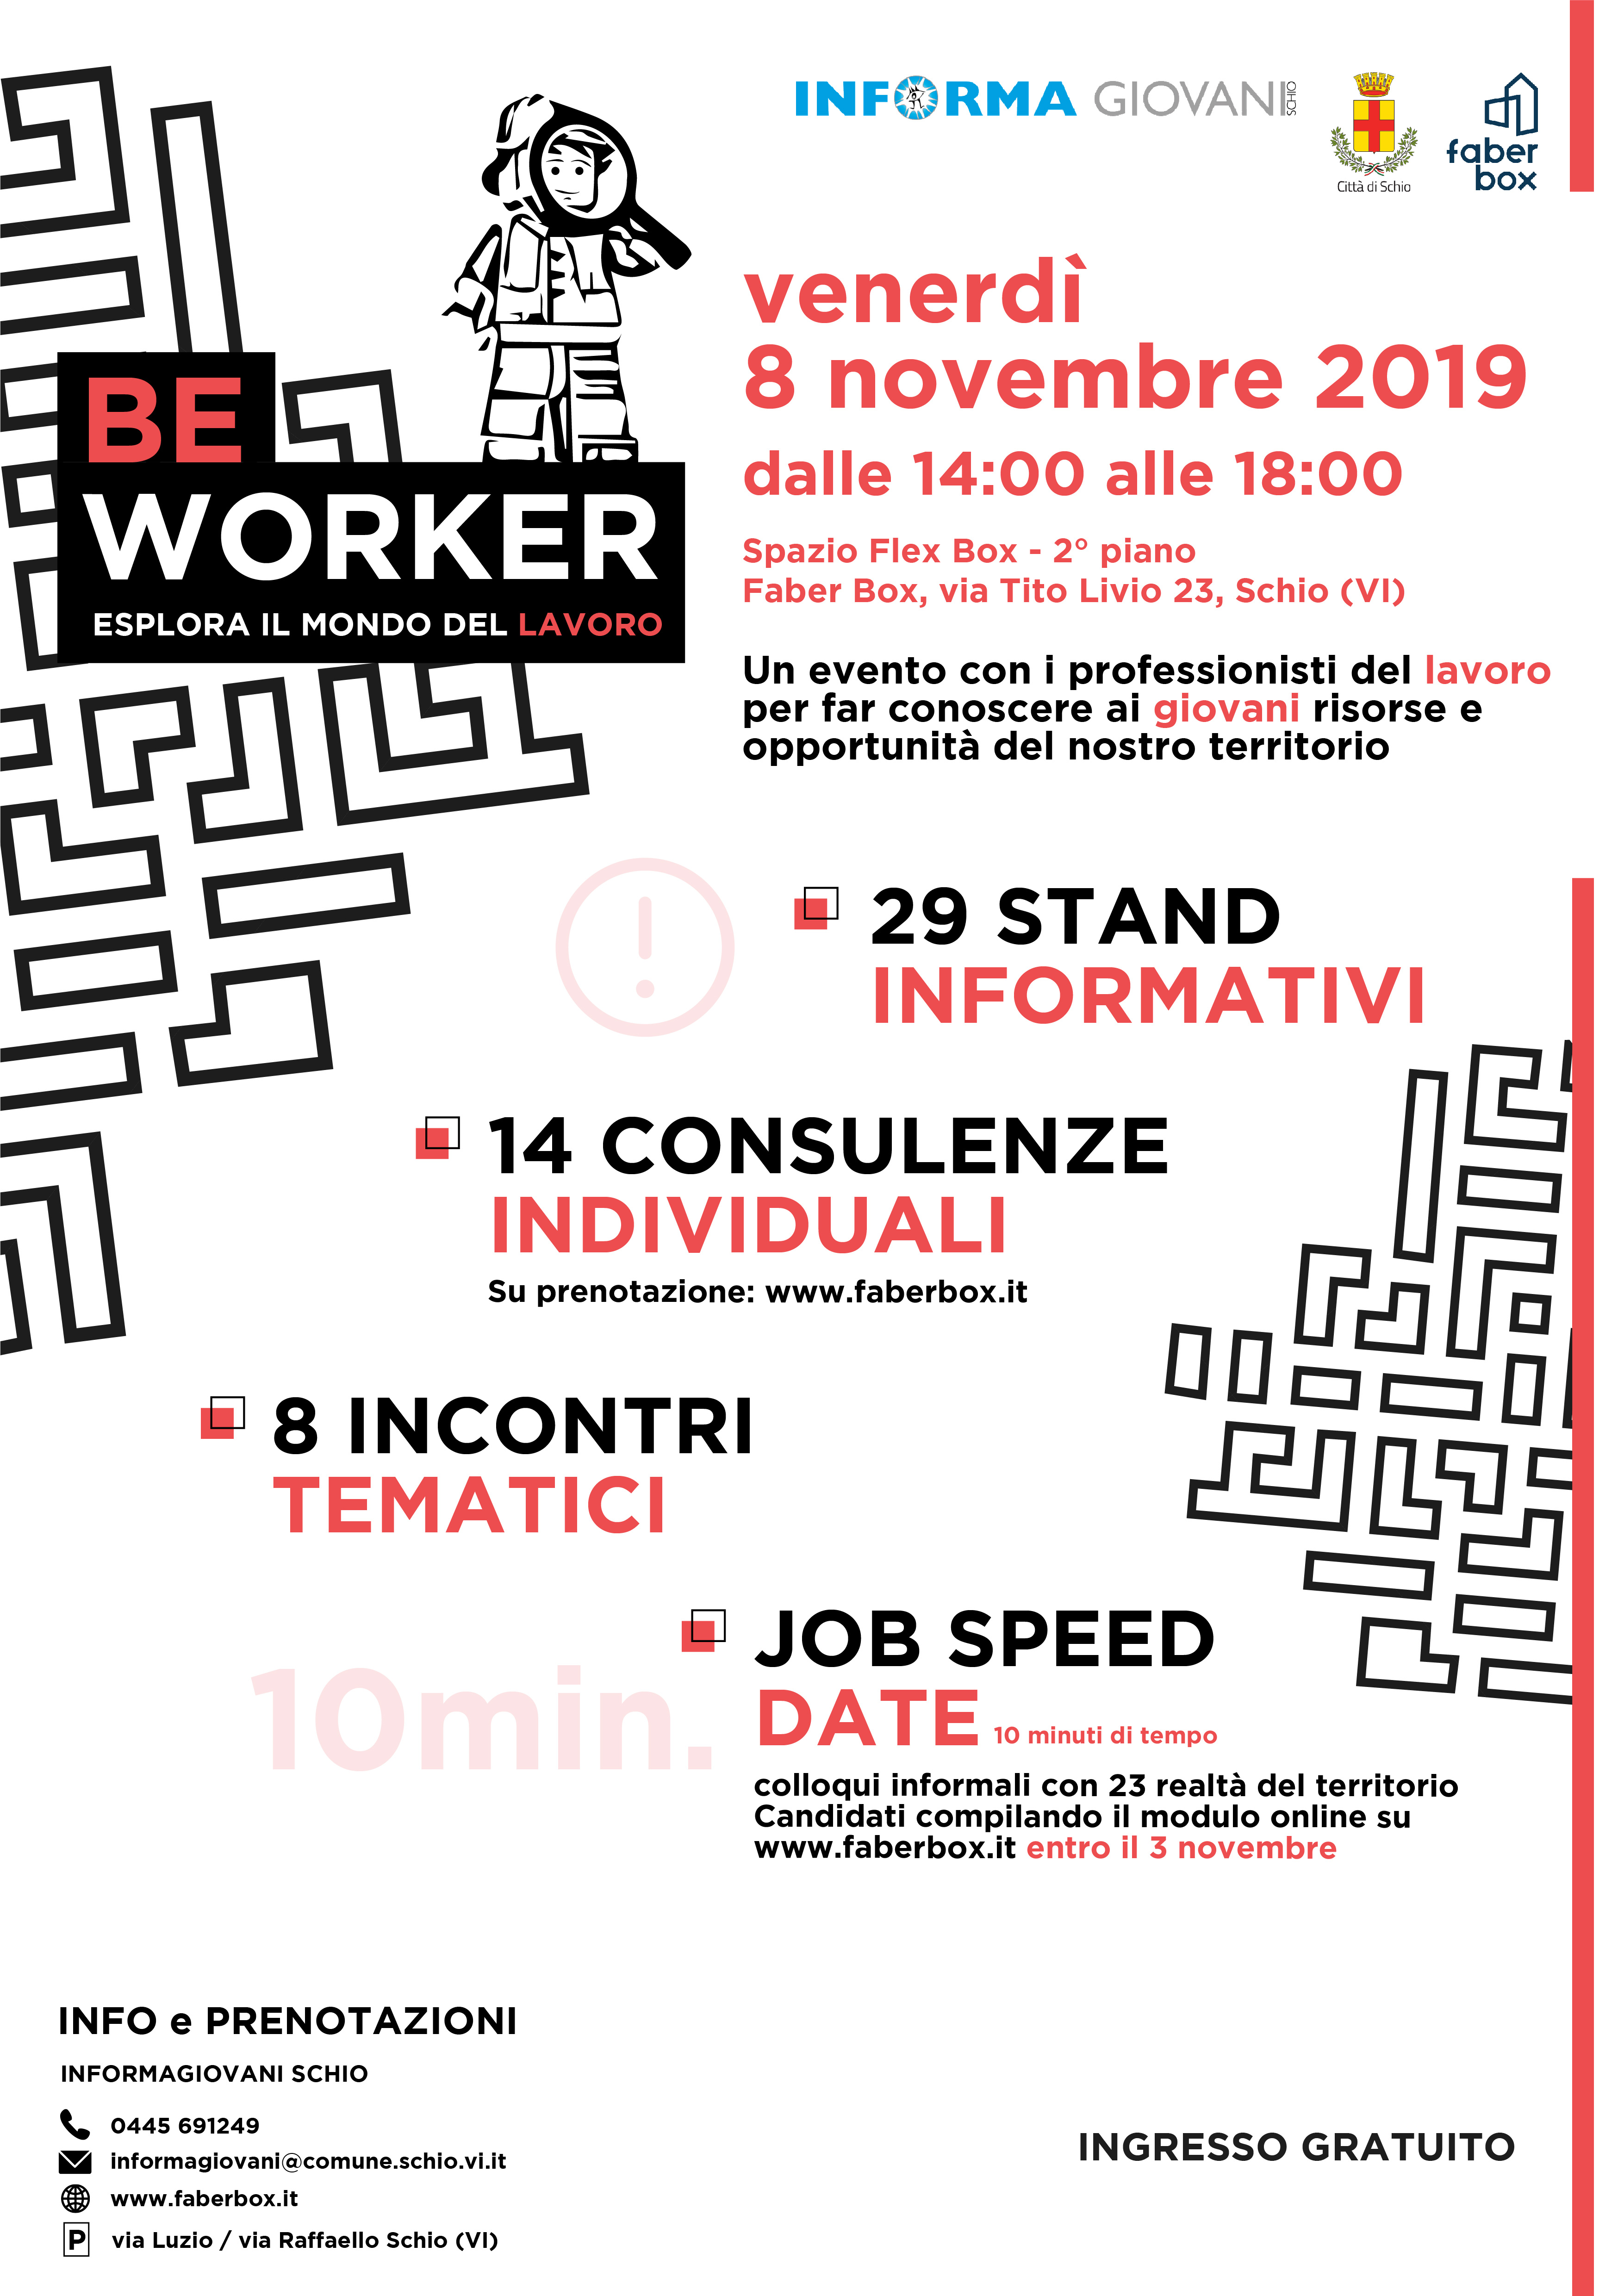 Be Worker – esplora il mondo del lavoro